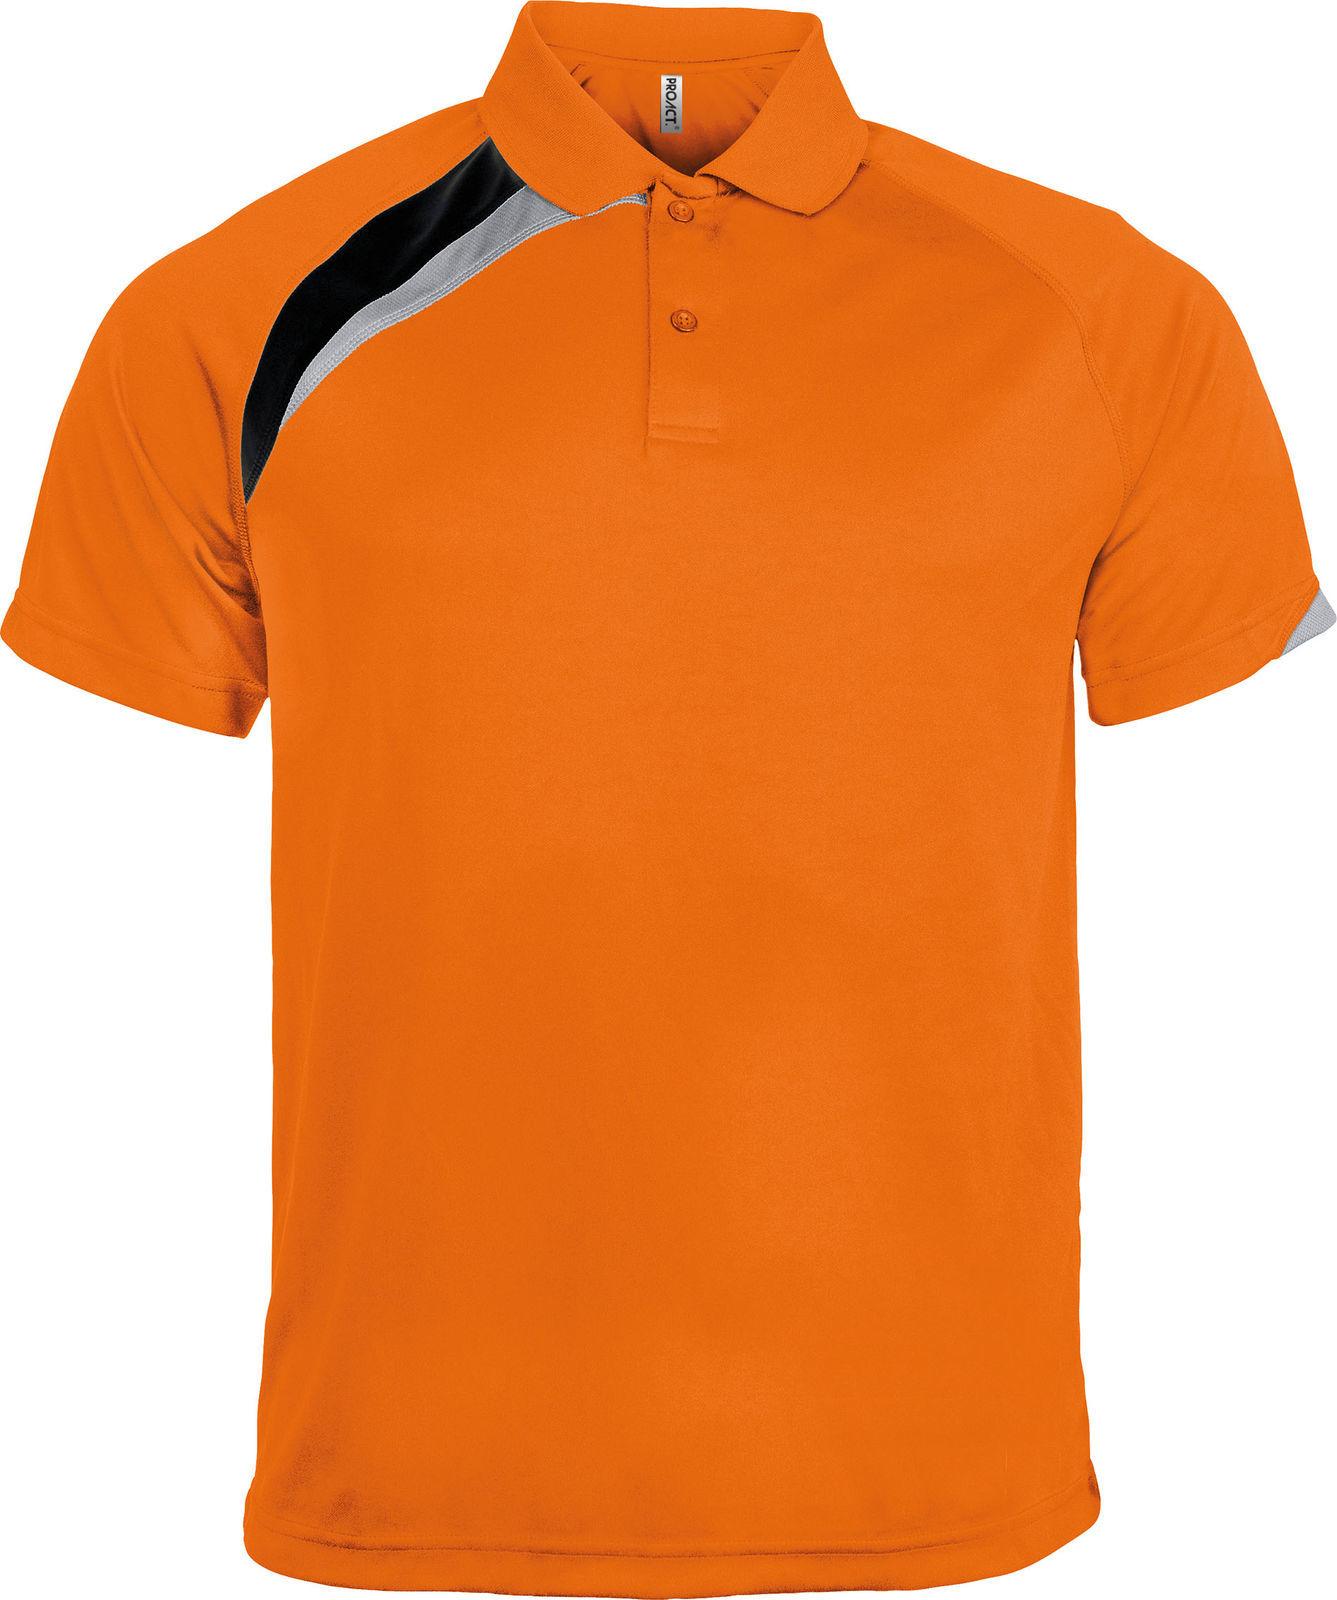 Finden & Hales - Polo sport à manches courtes 100% coton - Homme (M) (Bleu marine/Orange) sg6sFDz